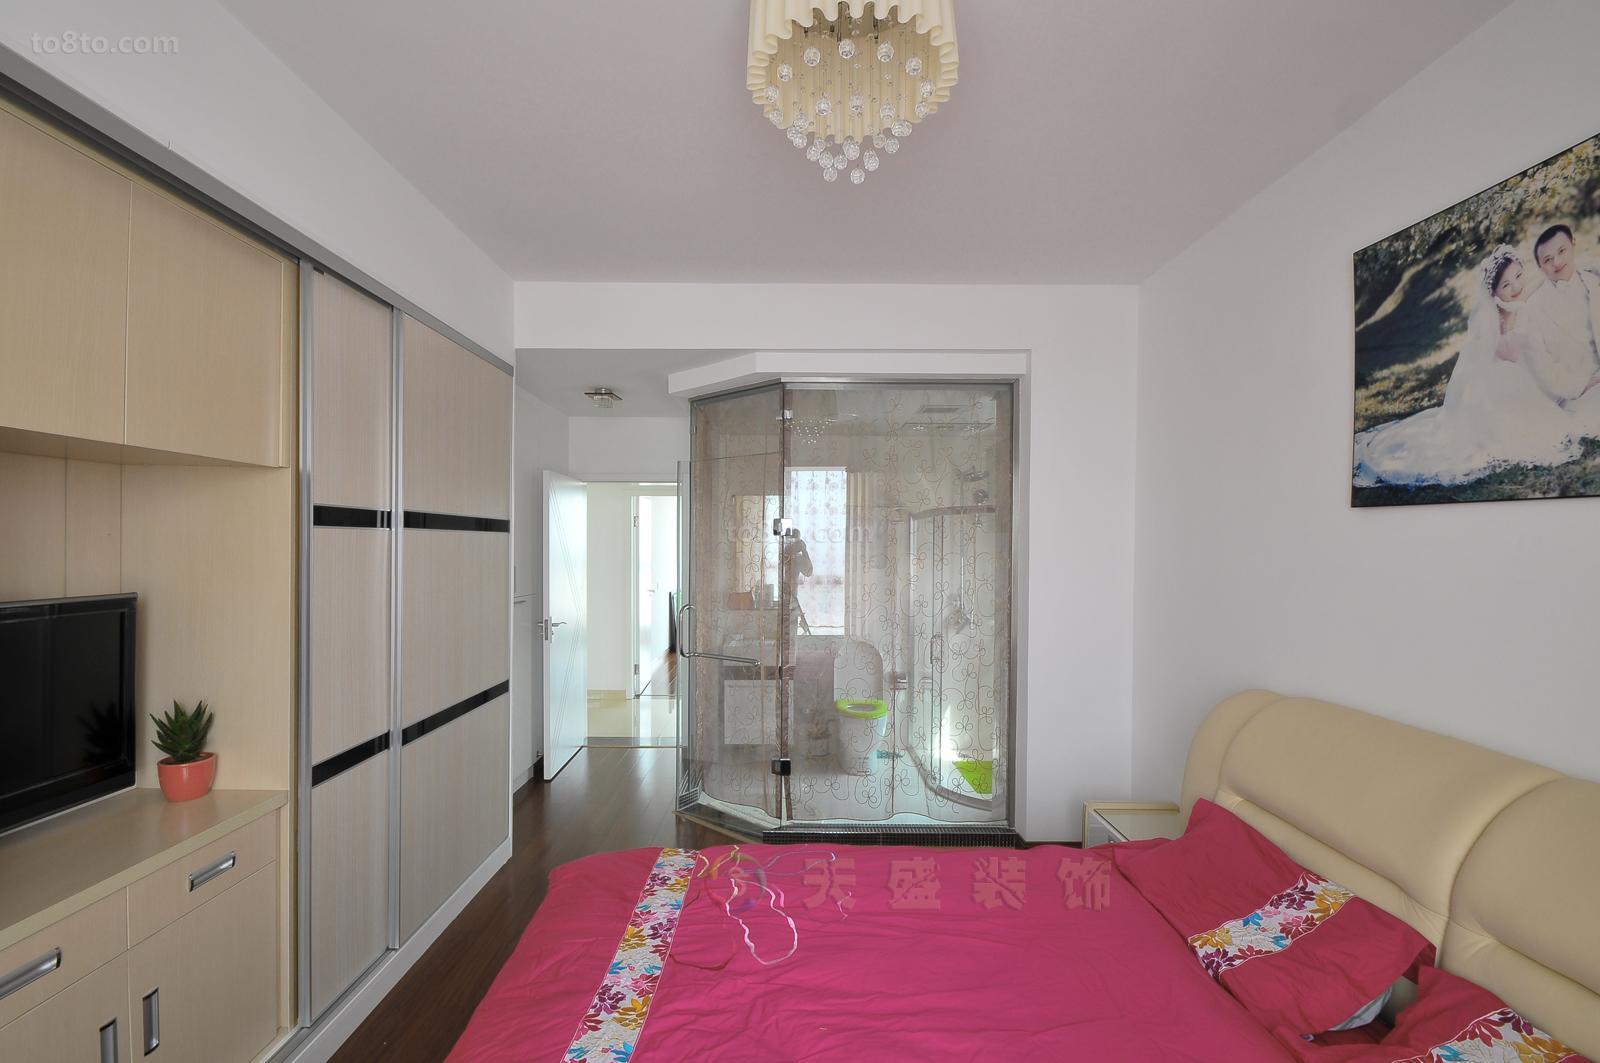 热门面积80平小户型卧室简约装修效果图片大全